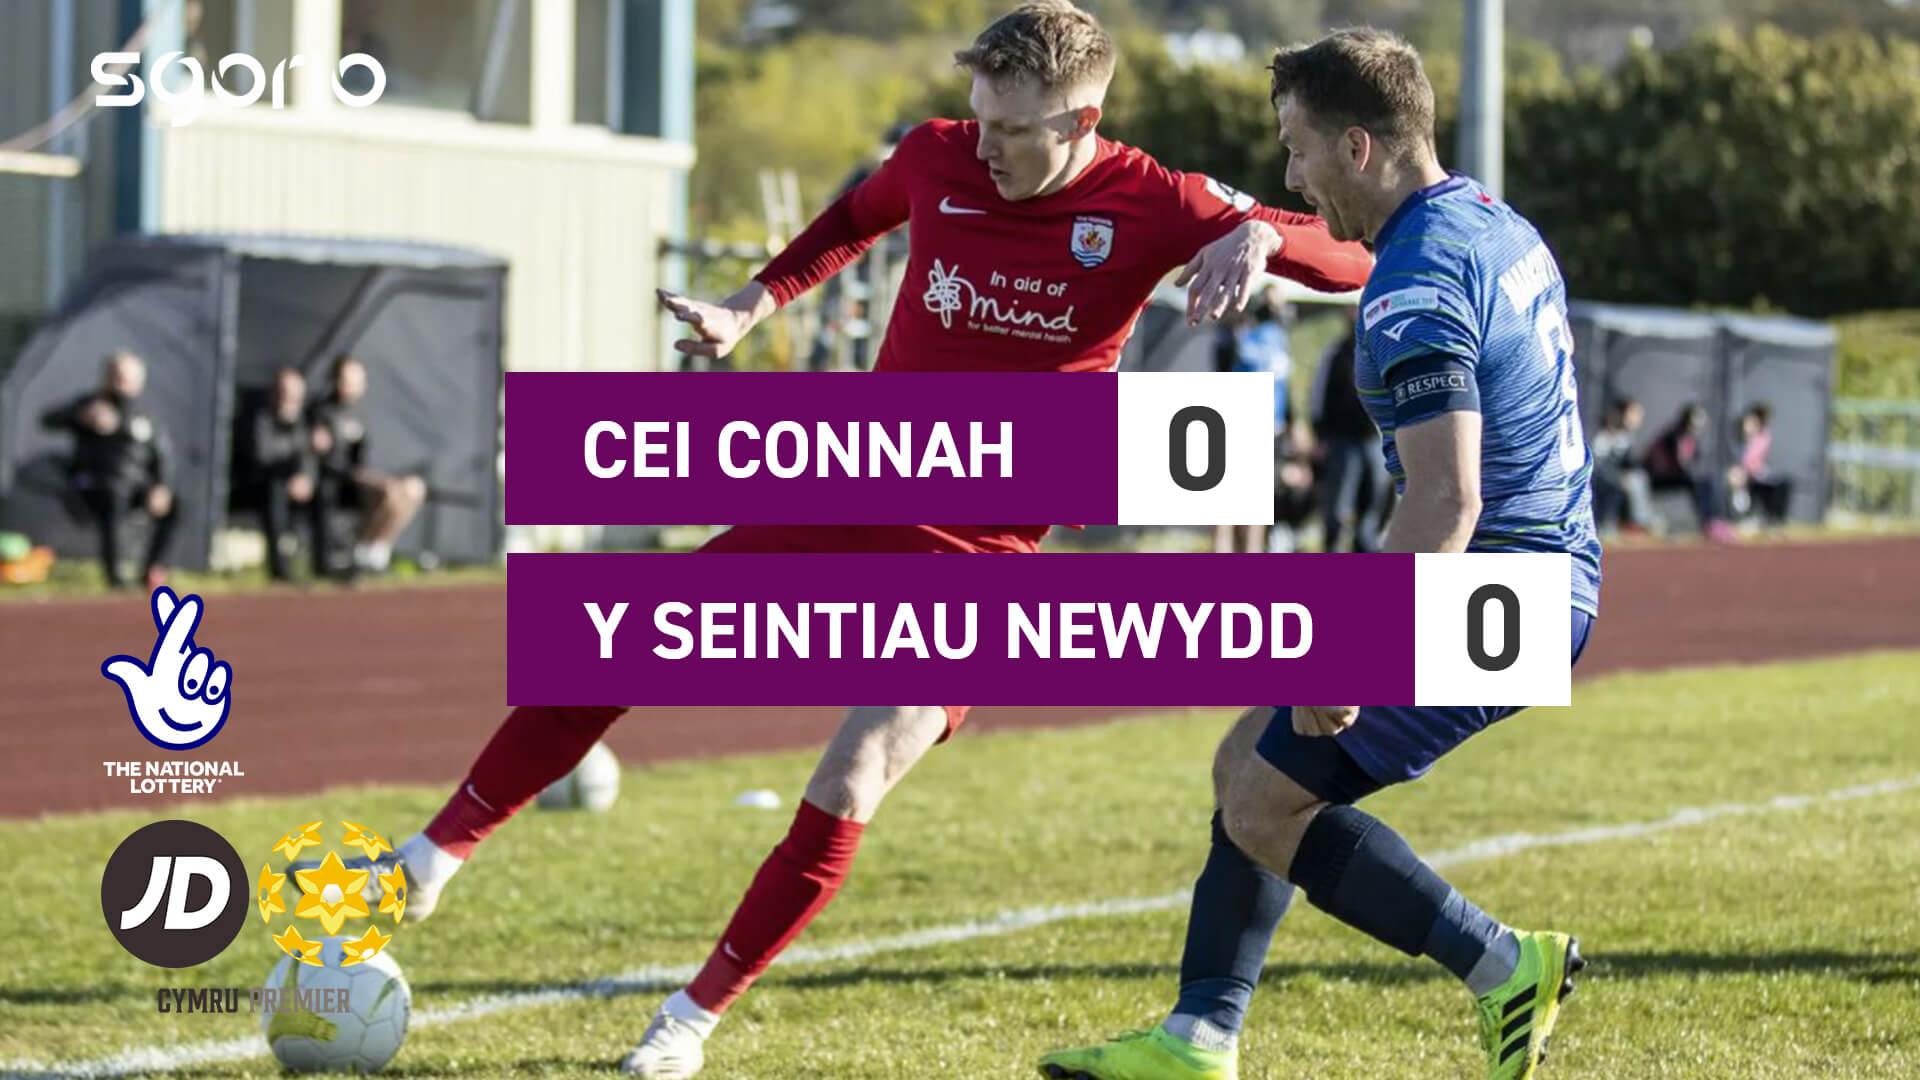 Cei Connah 0-0 Y Seintiau Newydd